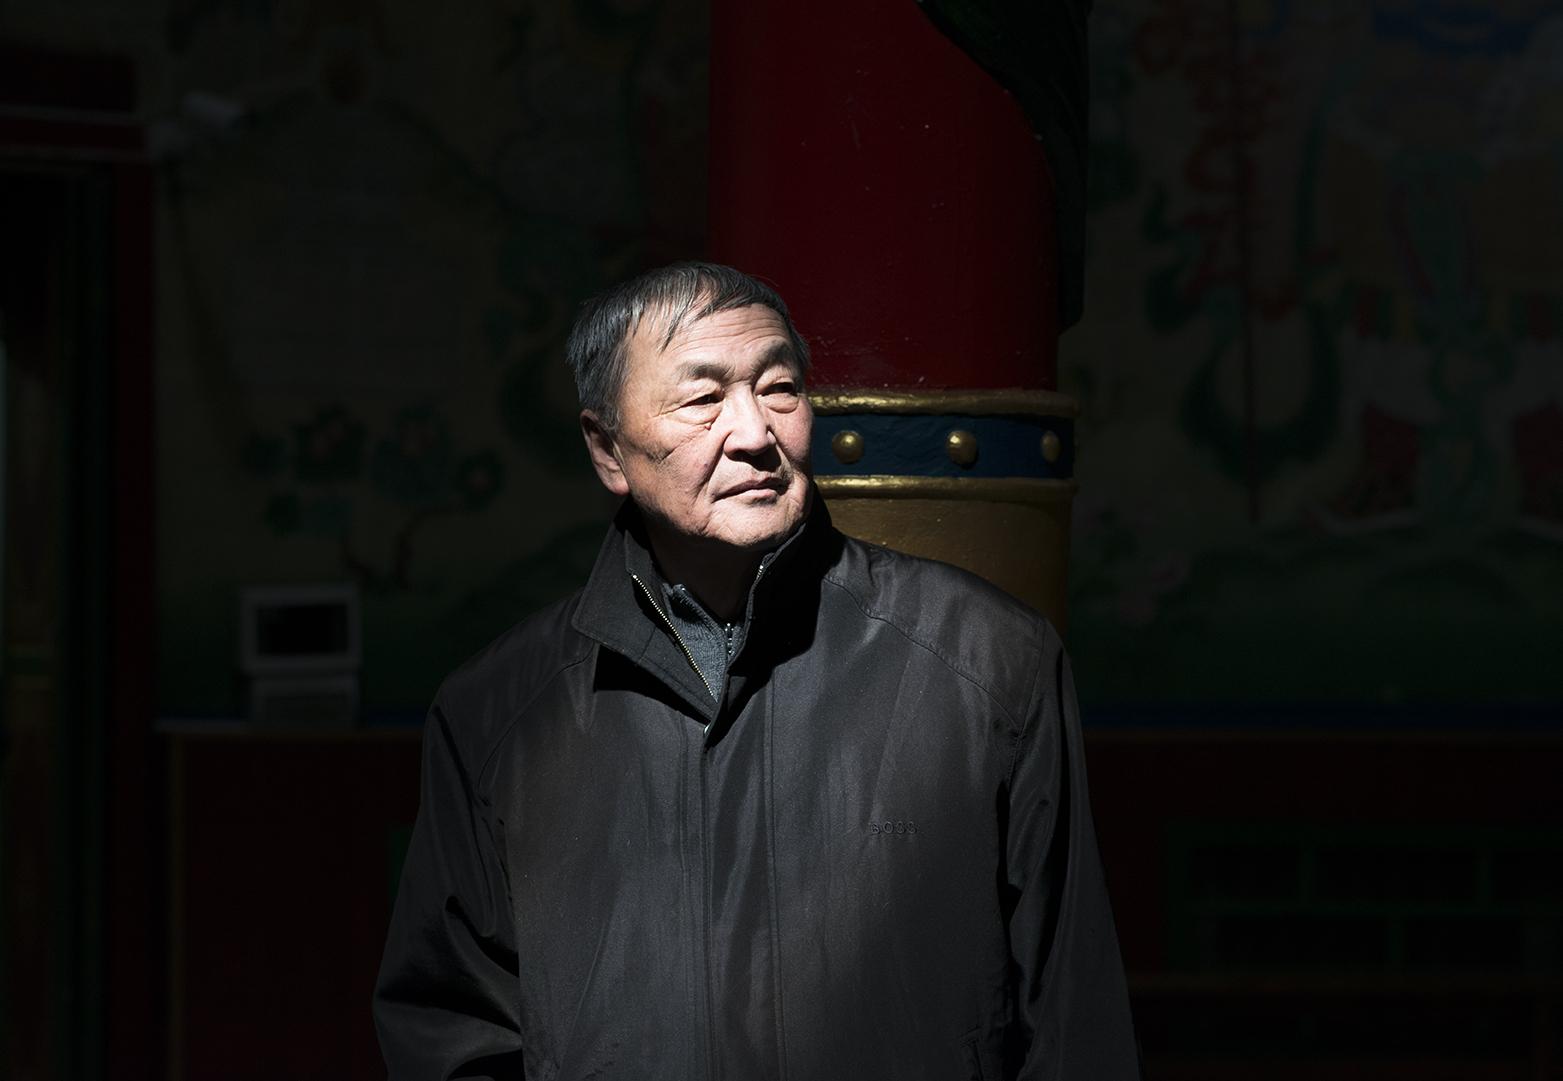 Dr Shaariibuu Setev at a Buddhist temple in Ulaanbaatar, Mongolia on April, 2016